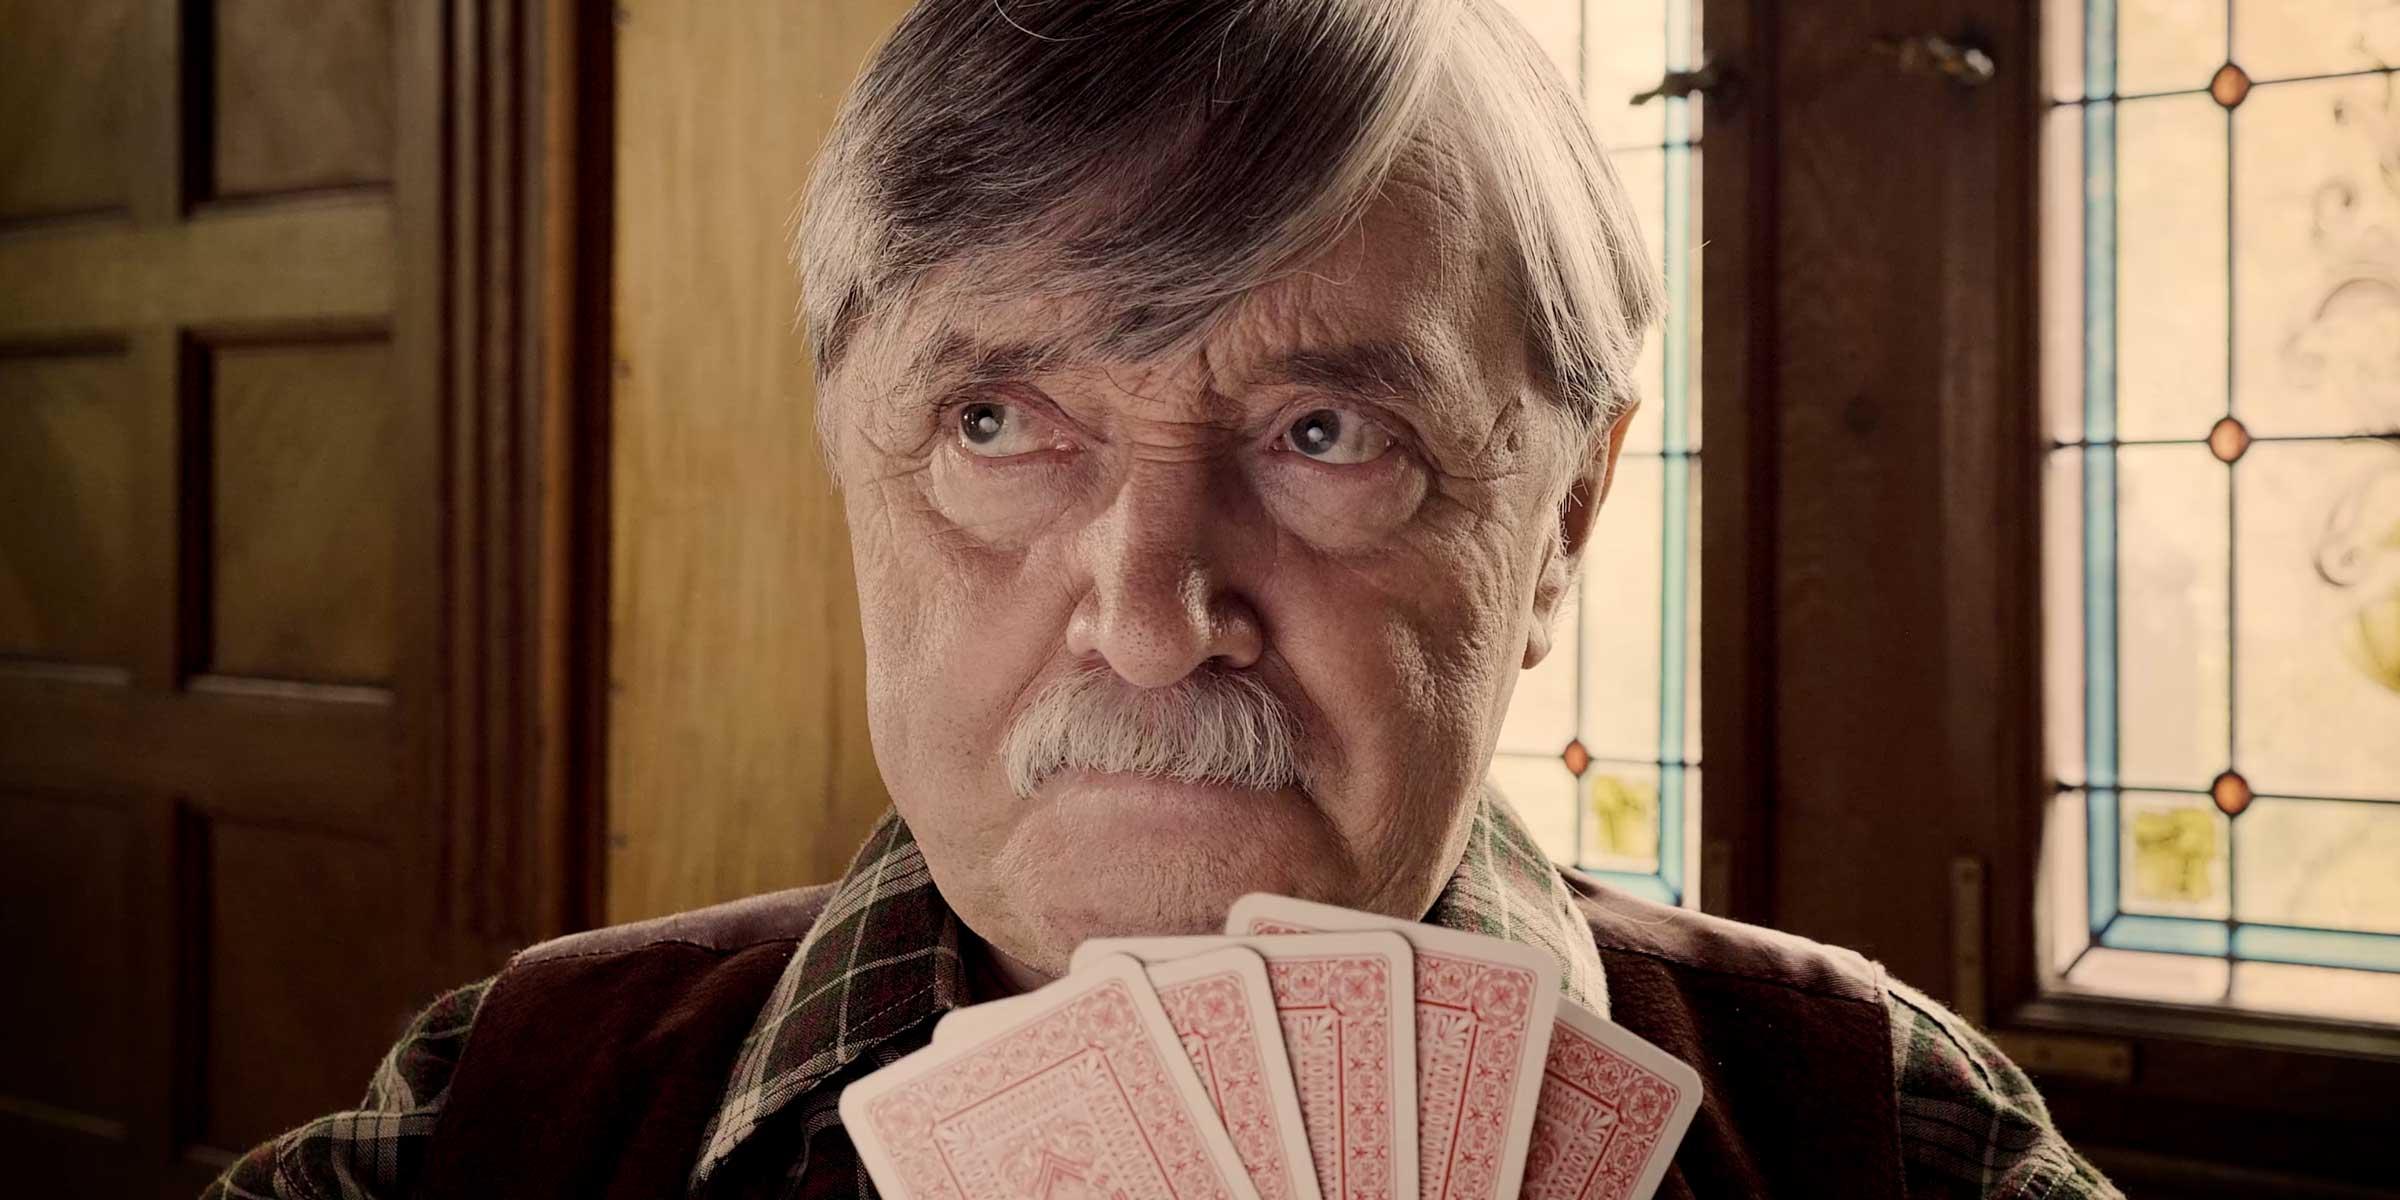 Imagefilm für die Paul-Riebeck-Stiftung: humorvoller Western-Spot mit dem bekannten Schauspieler Reinhard Straube